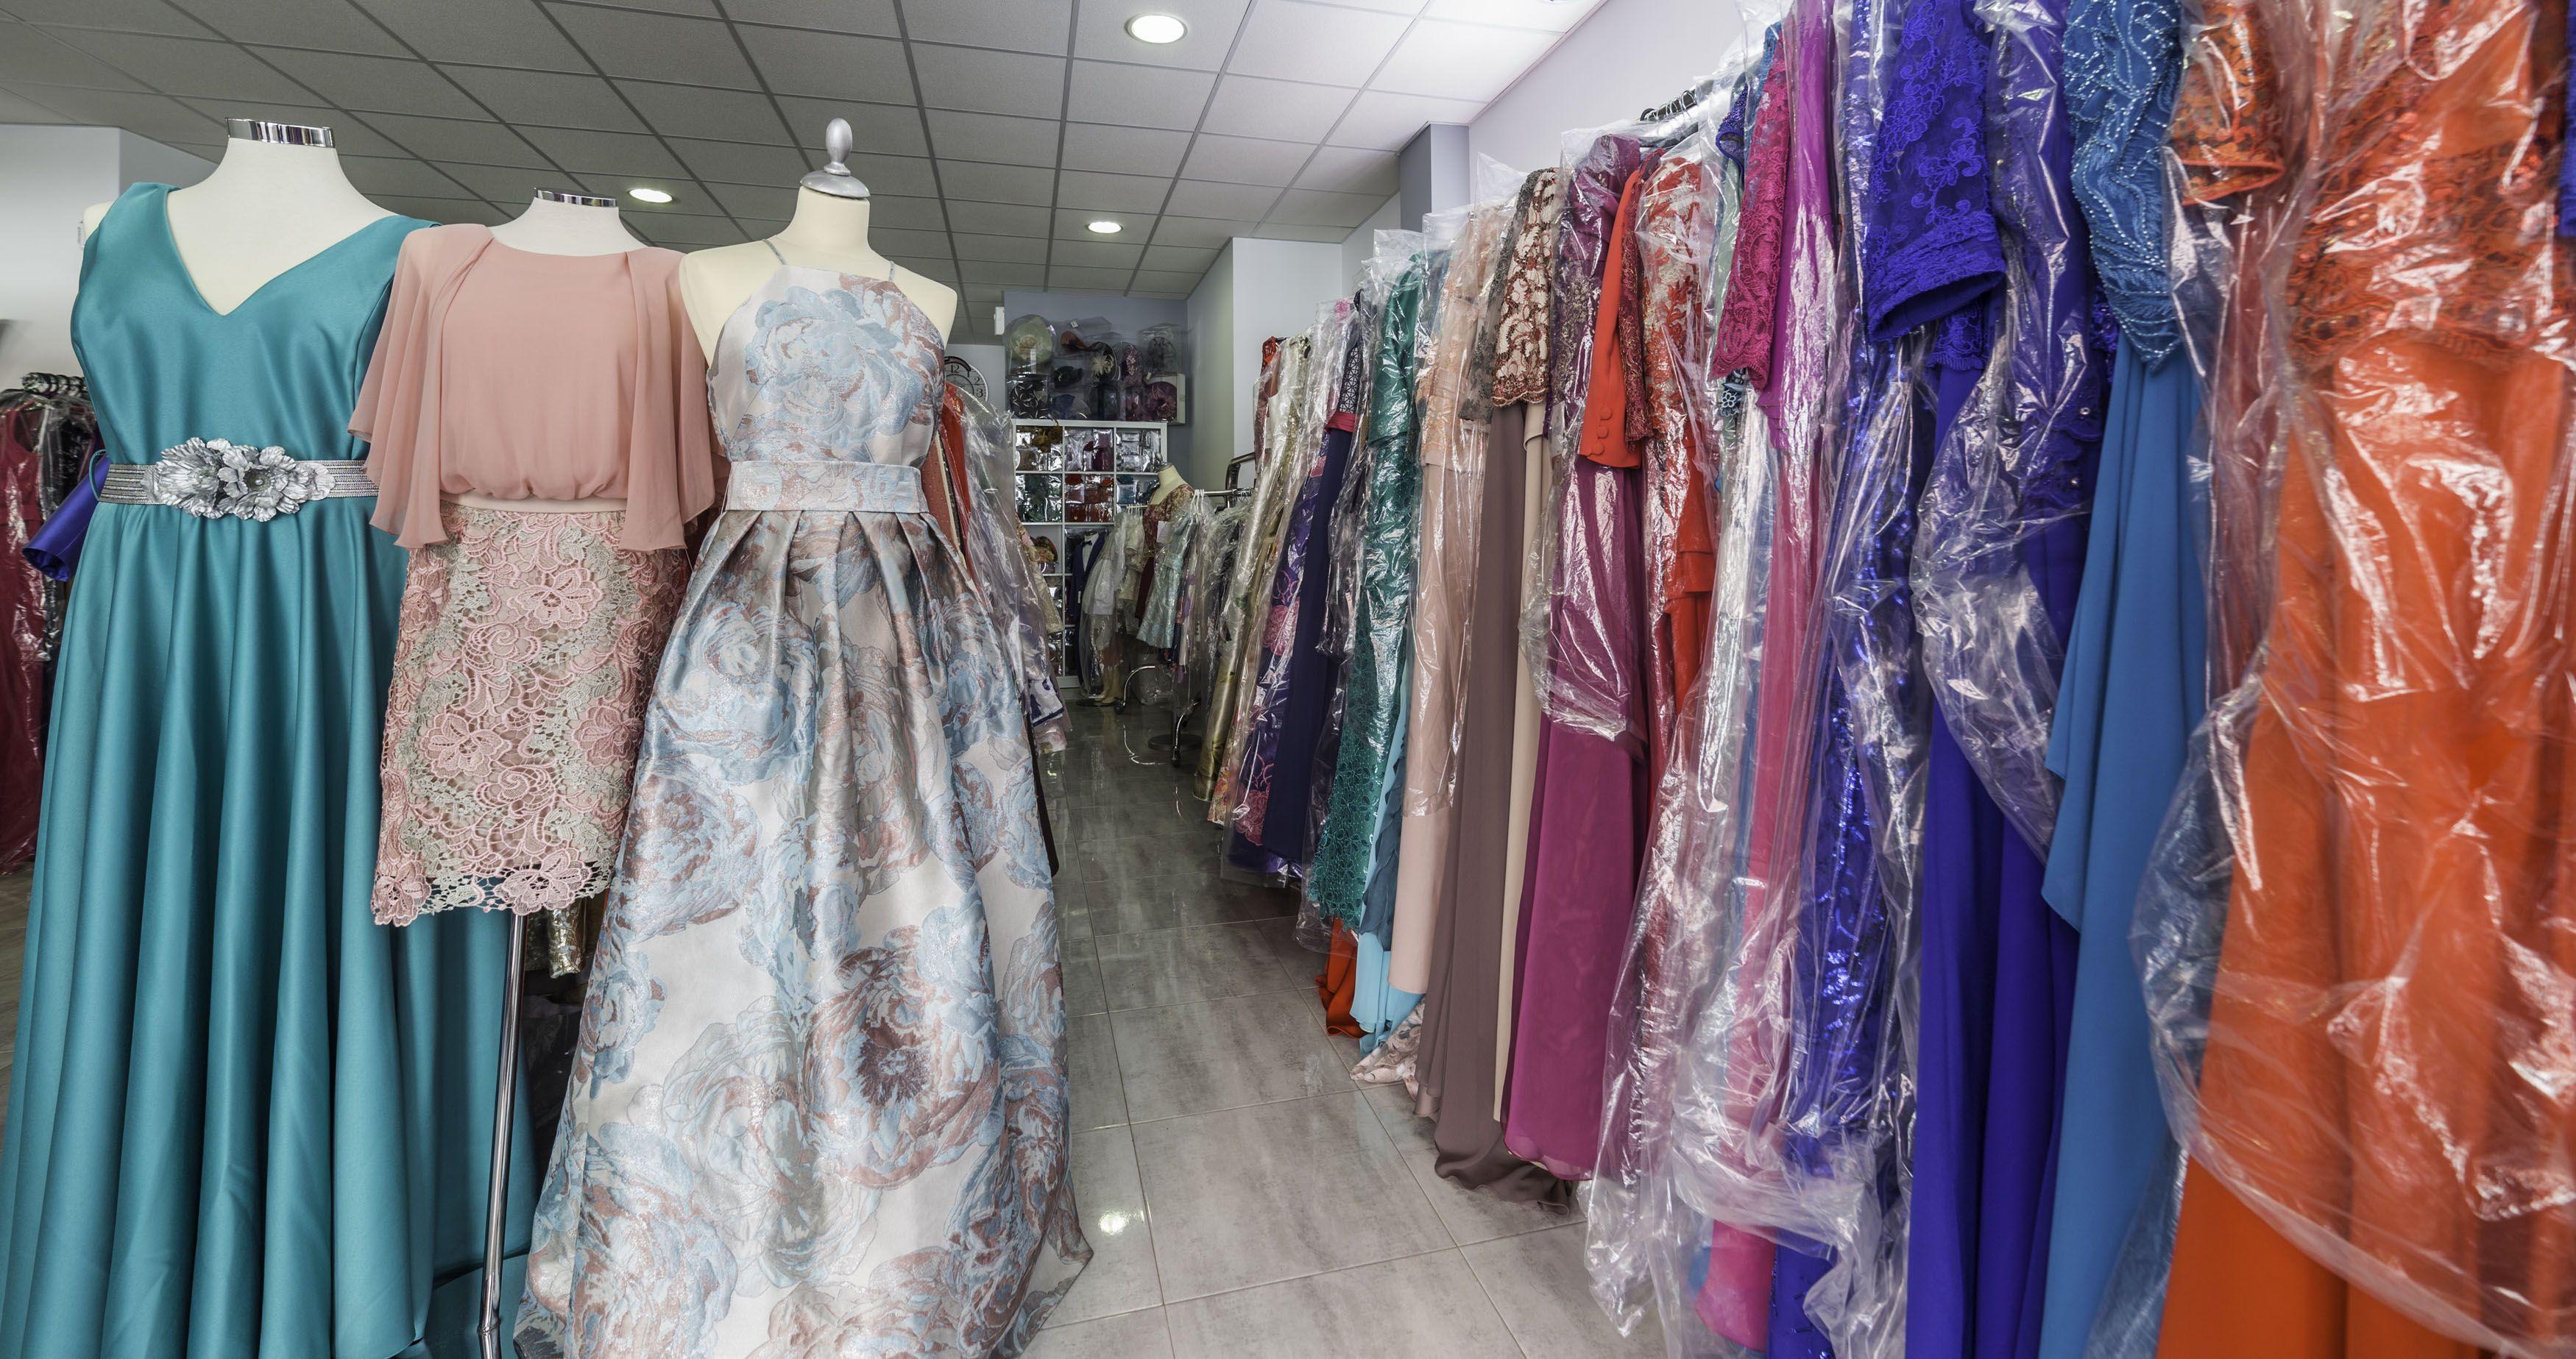 Foto 6 de Vestidos de novia y madrina en Tomelloso, Ciudad Real en Tomelloso | Caprichos